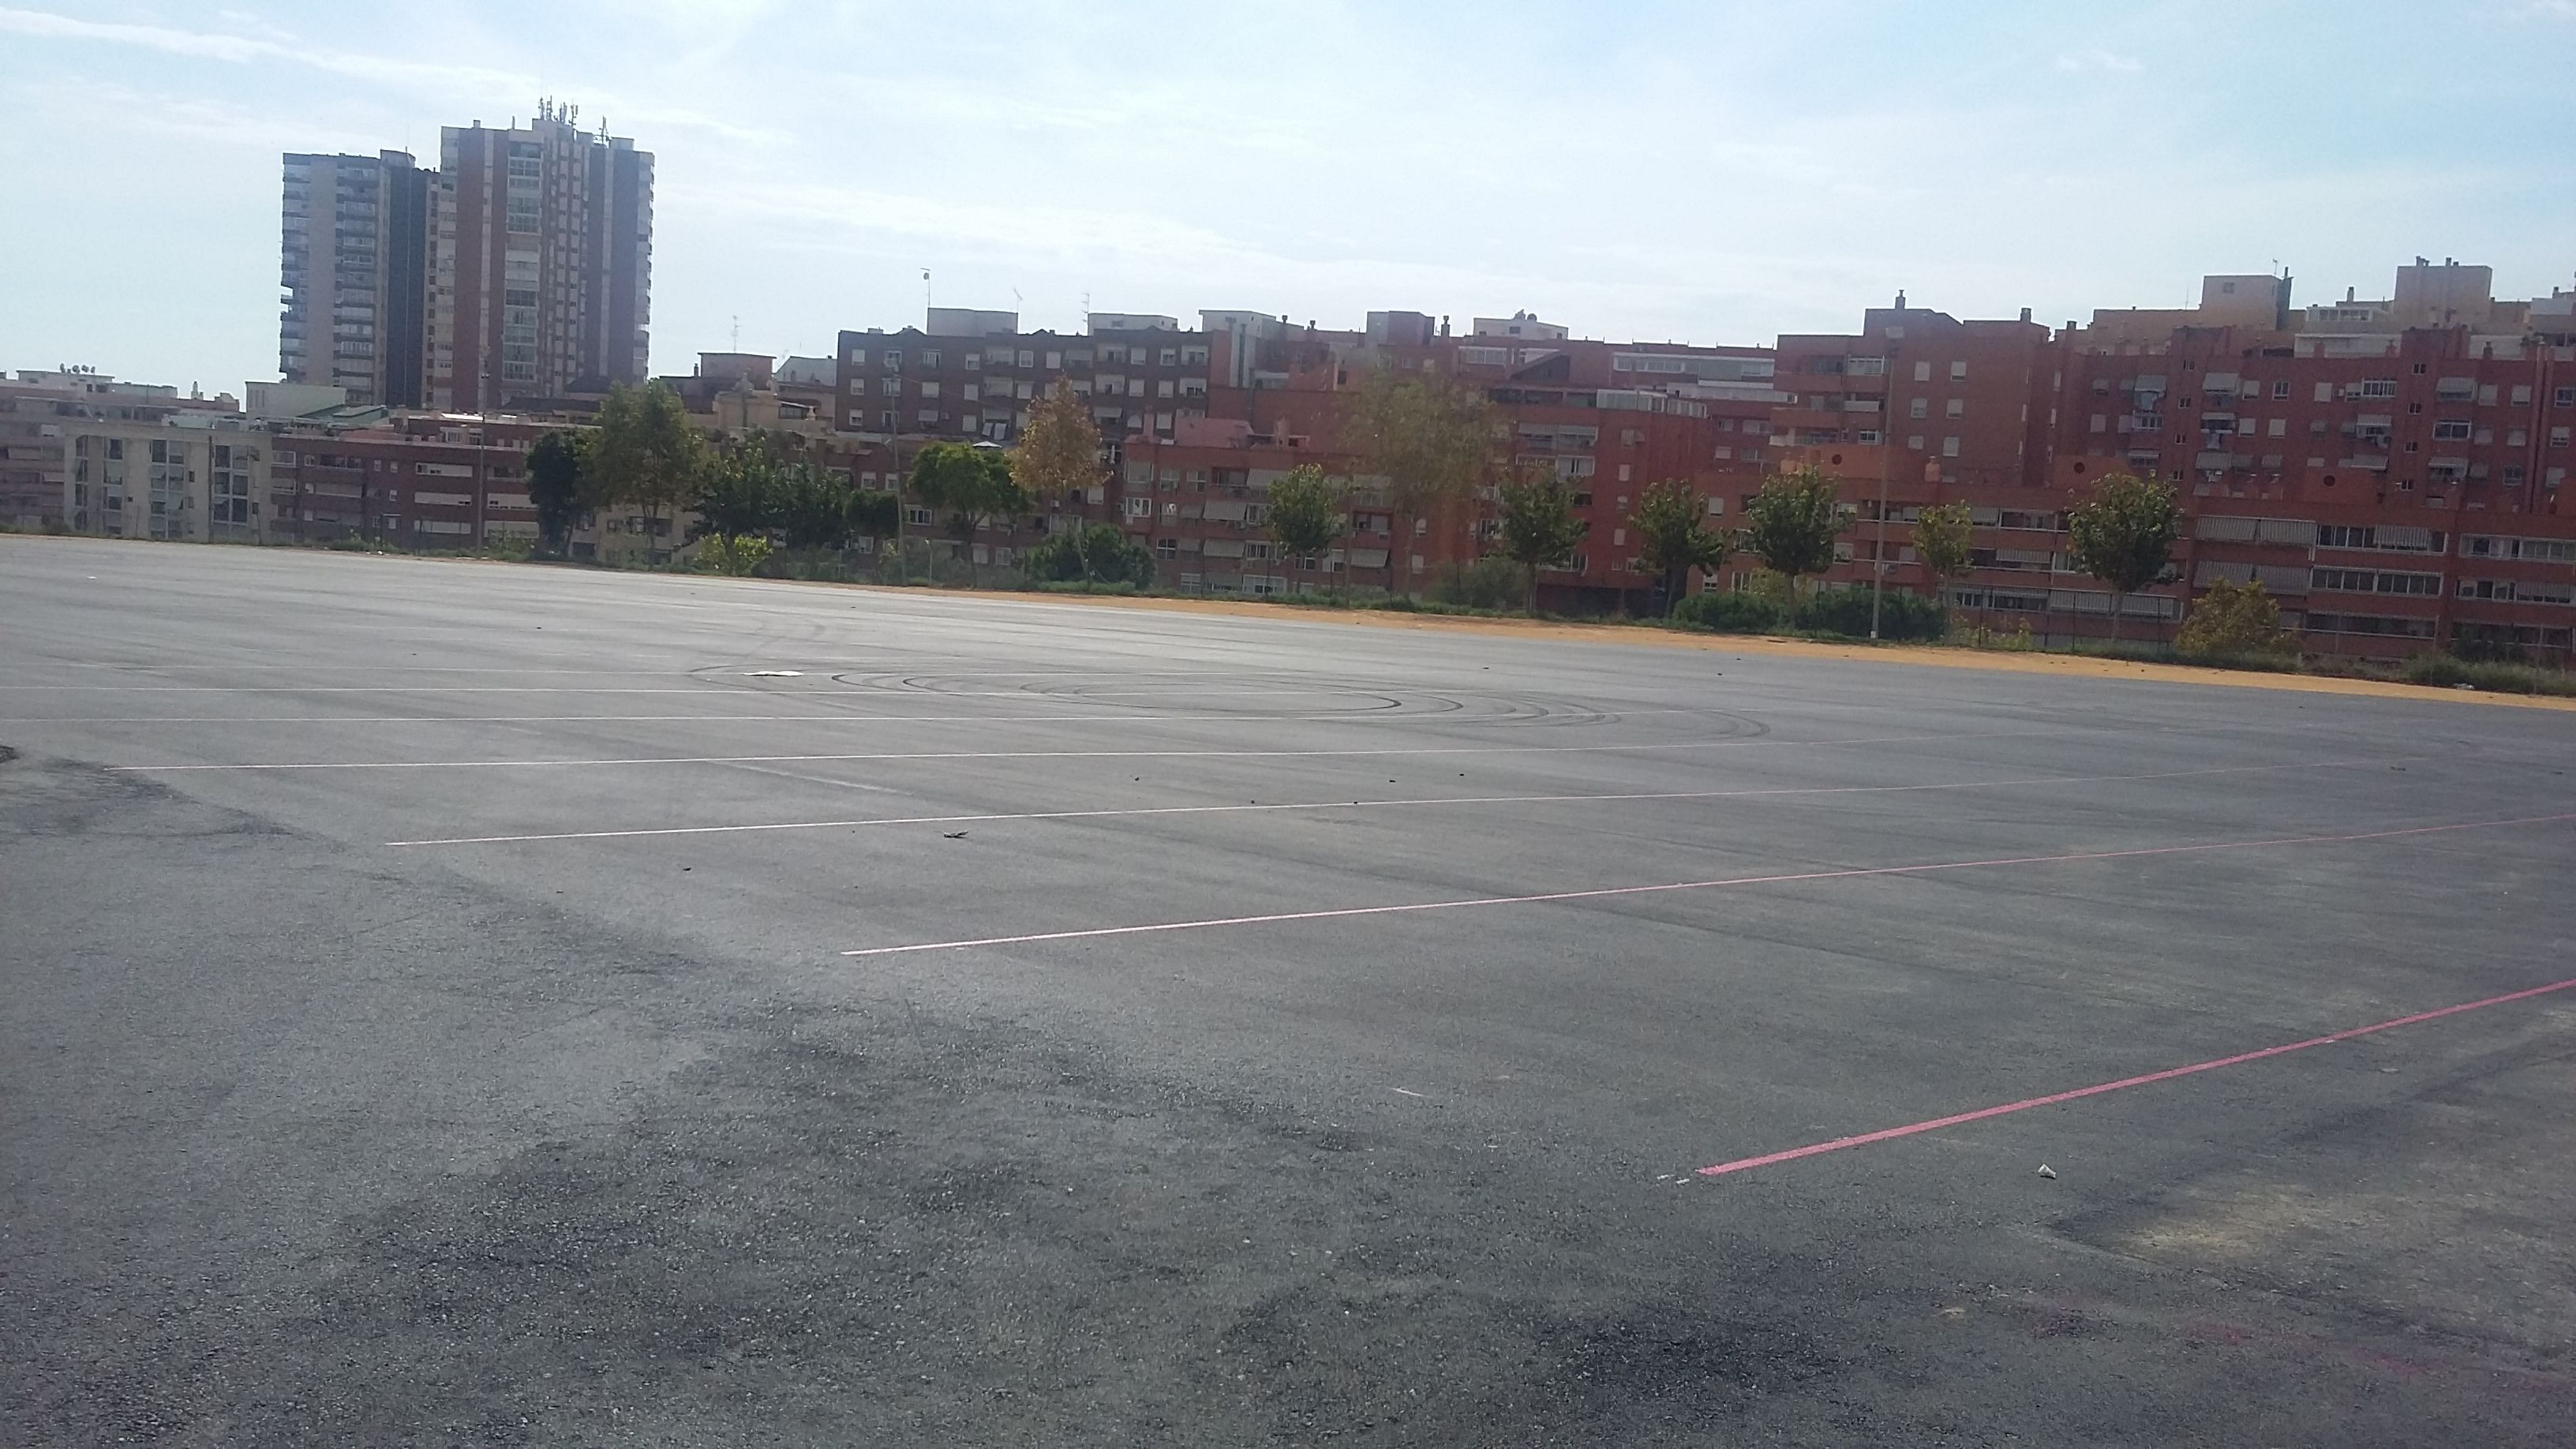 Benidorm reabre el recinto ferial tras asfaltar y adecuar los 6.500 metros cuadrados de la parcela